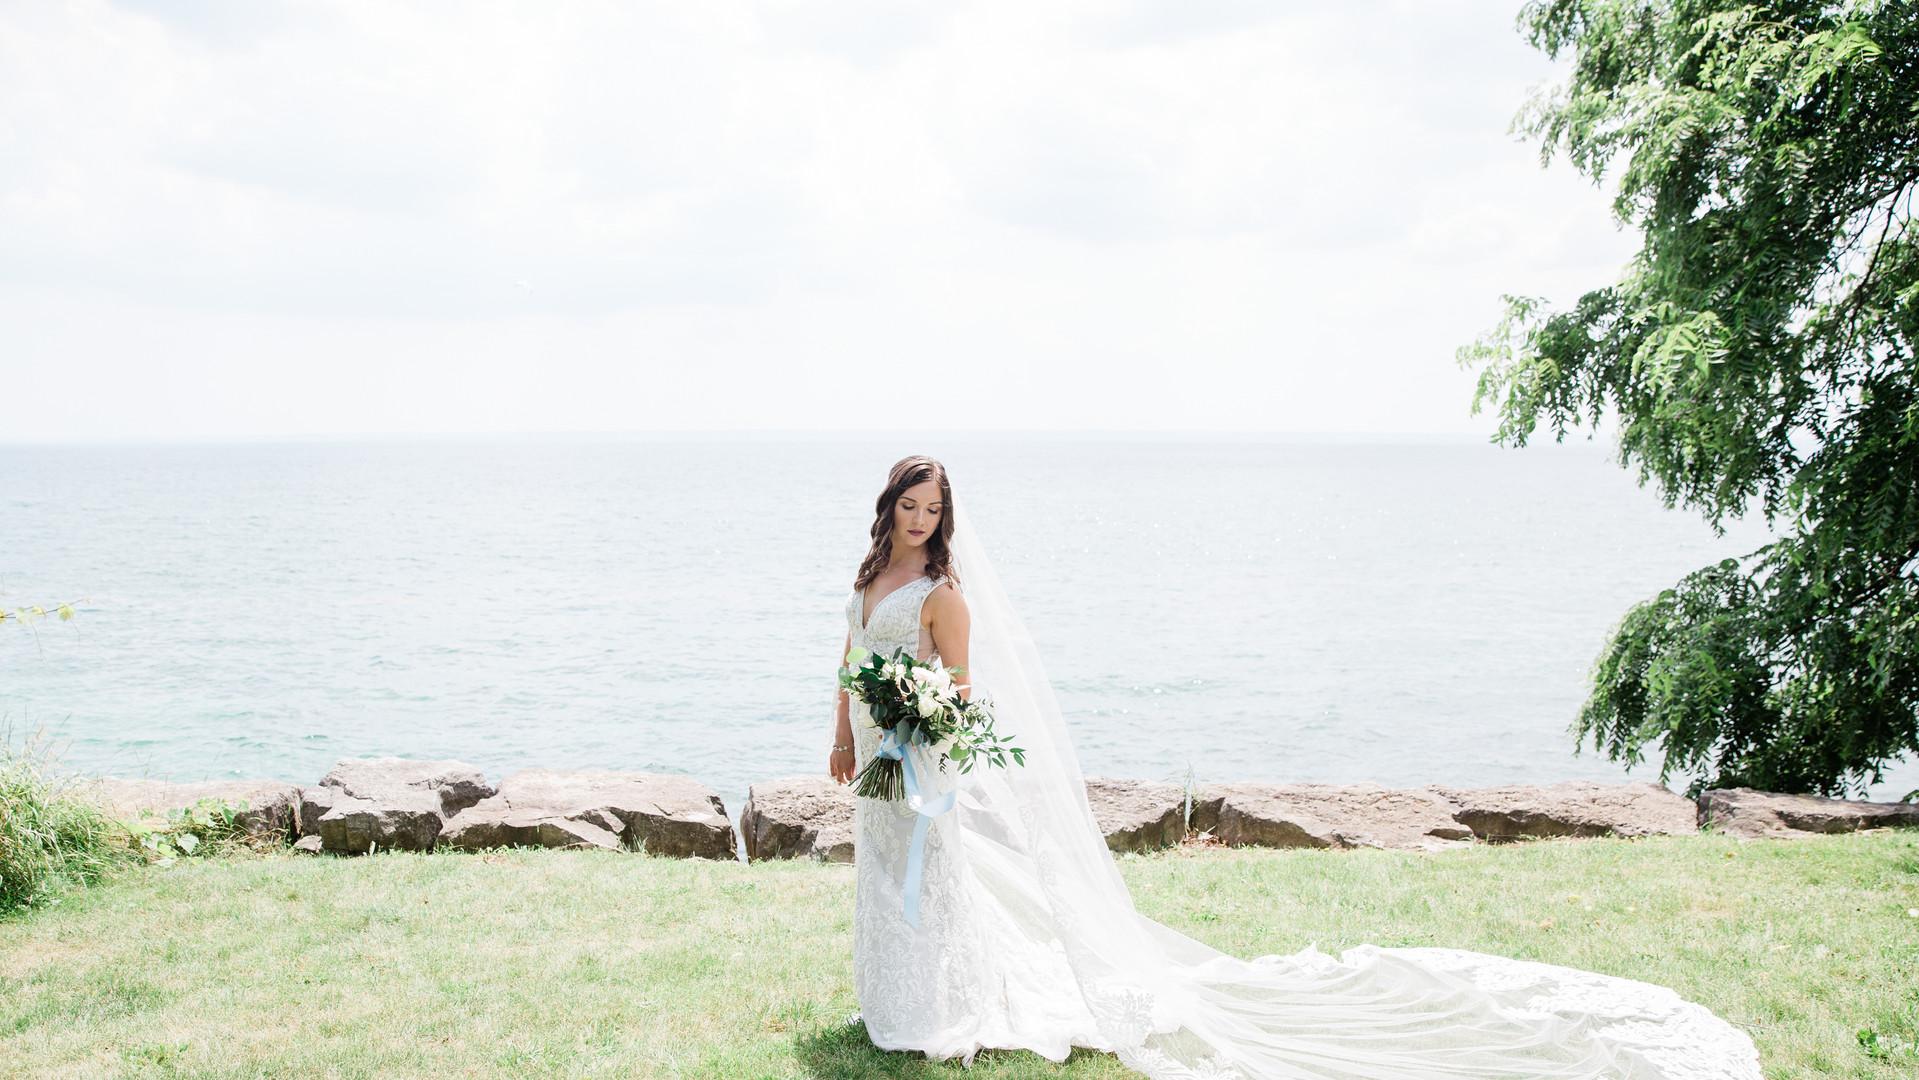 R&D_la_salle_wedding_burlington-8583.jpg